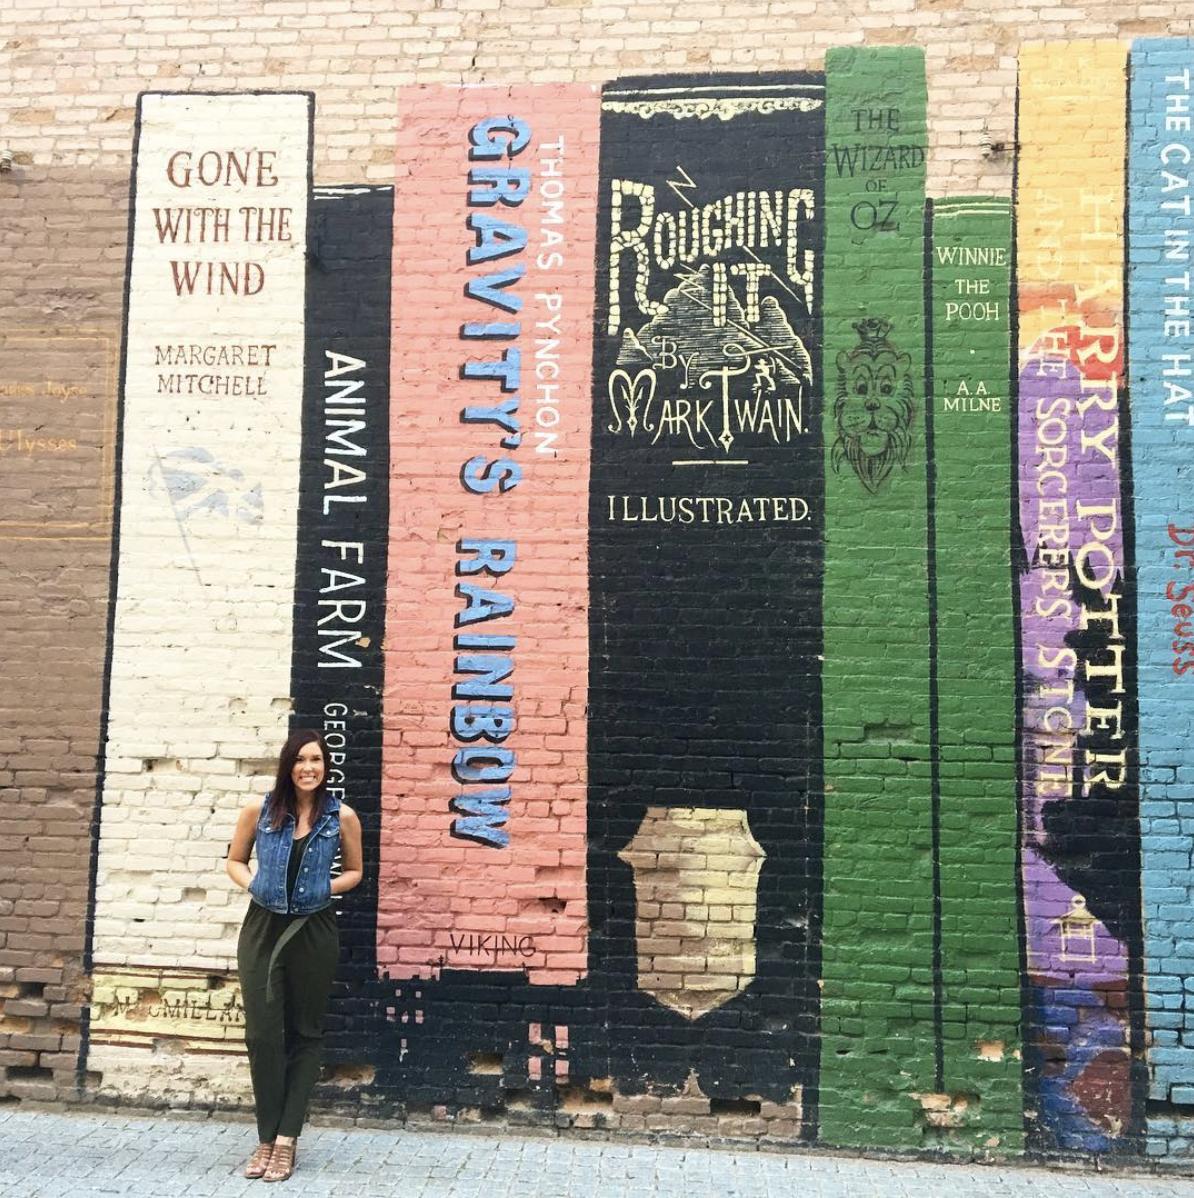 Salt Lake City's Famous Book Mural